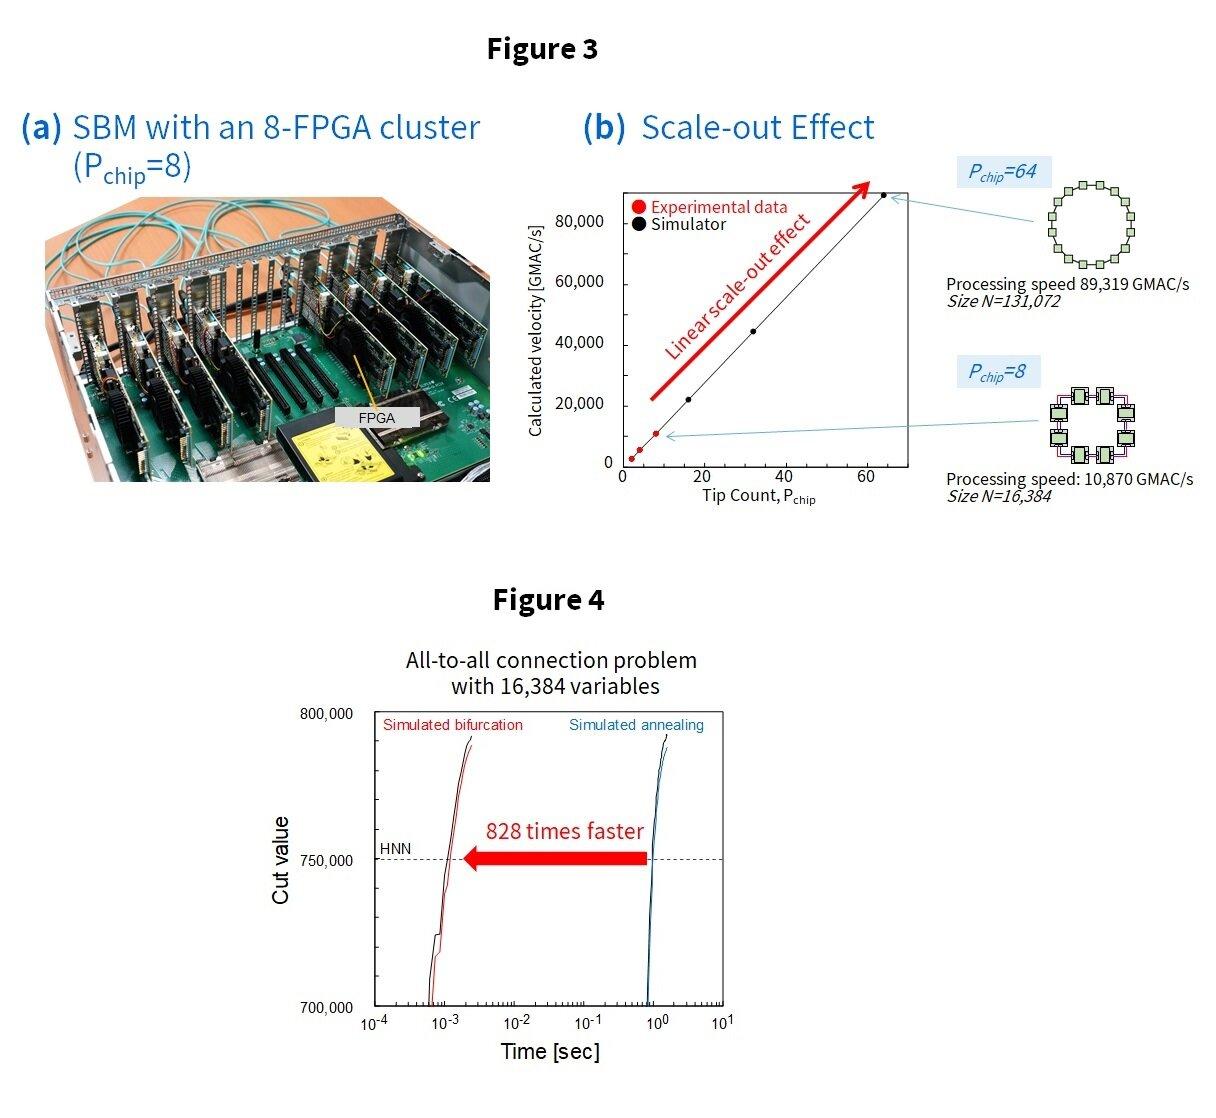 东芝发布第二代模拟分岔算法 在组合数据优化问题方面超过量子计算机性能